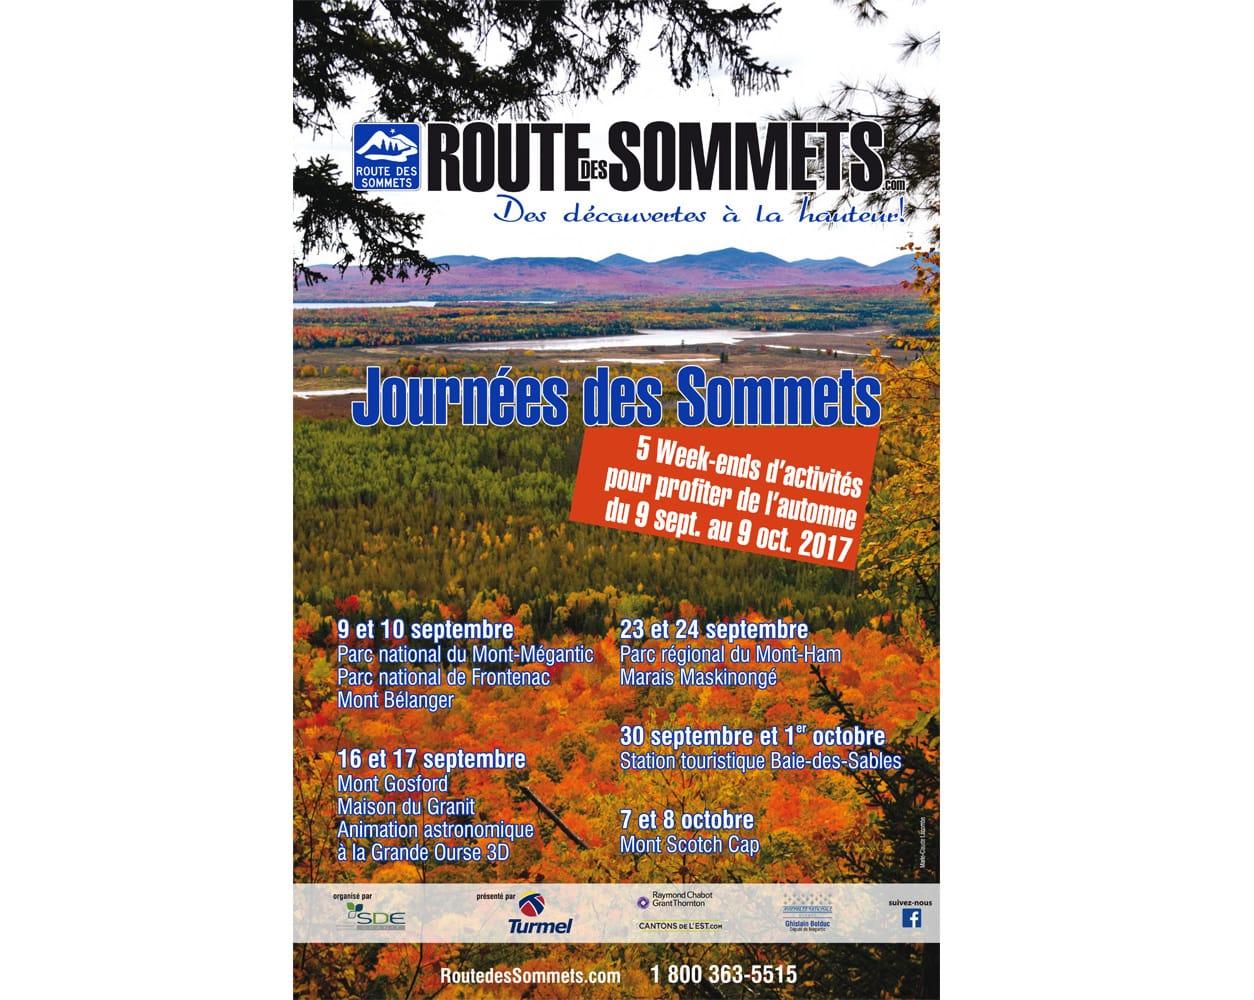 Les Journées des Sommets, 30 septembre et 1er octobre